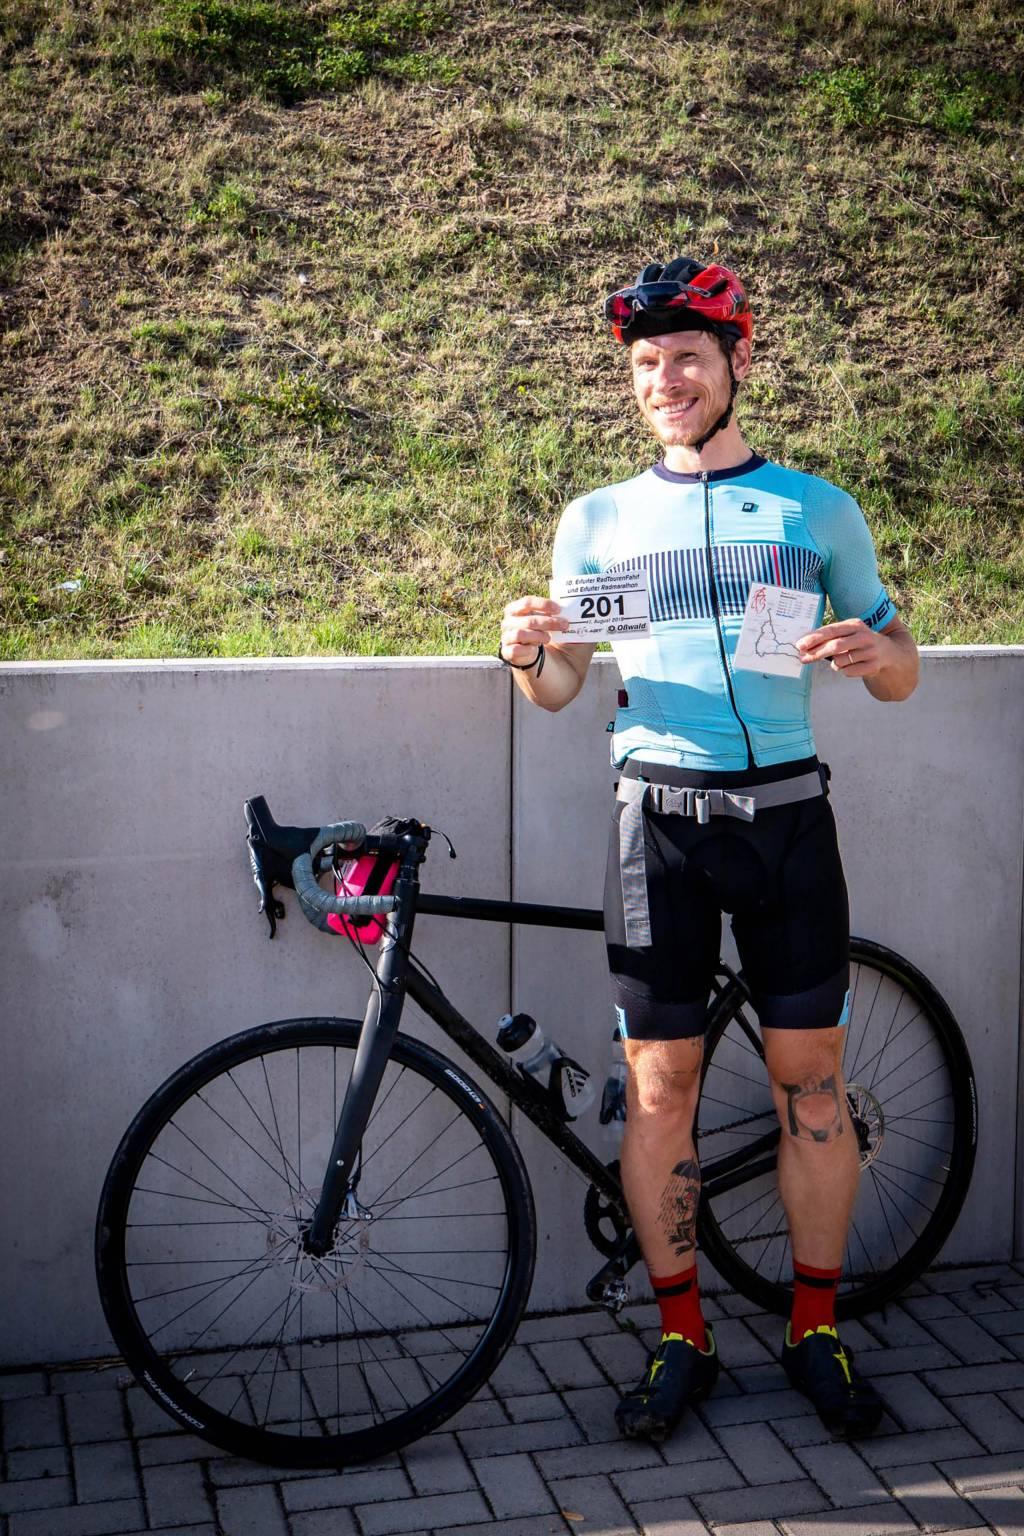 Radtourenfahrt RTF Startnummer